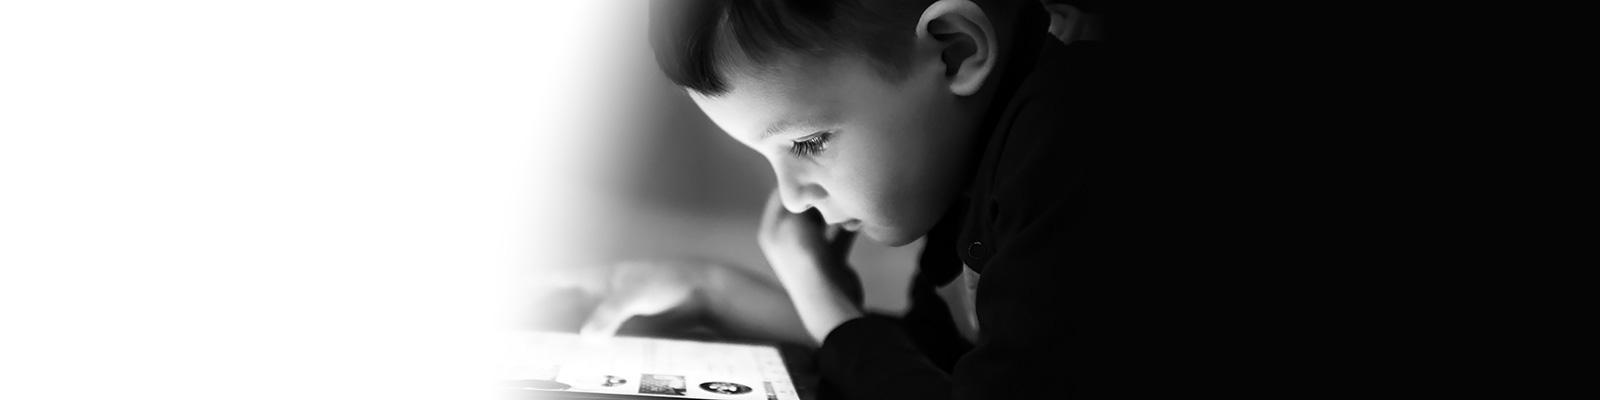 子供 コンピューター インターフェイス イメージ